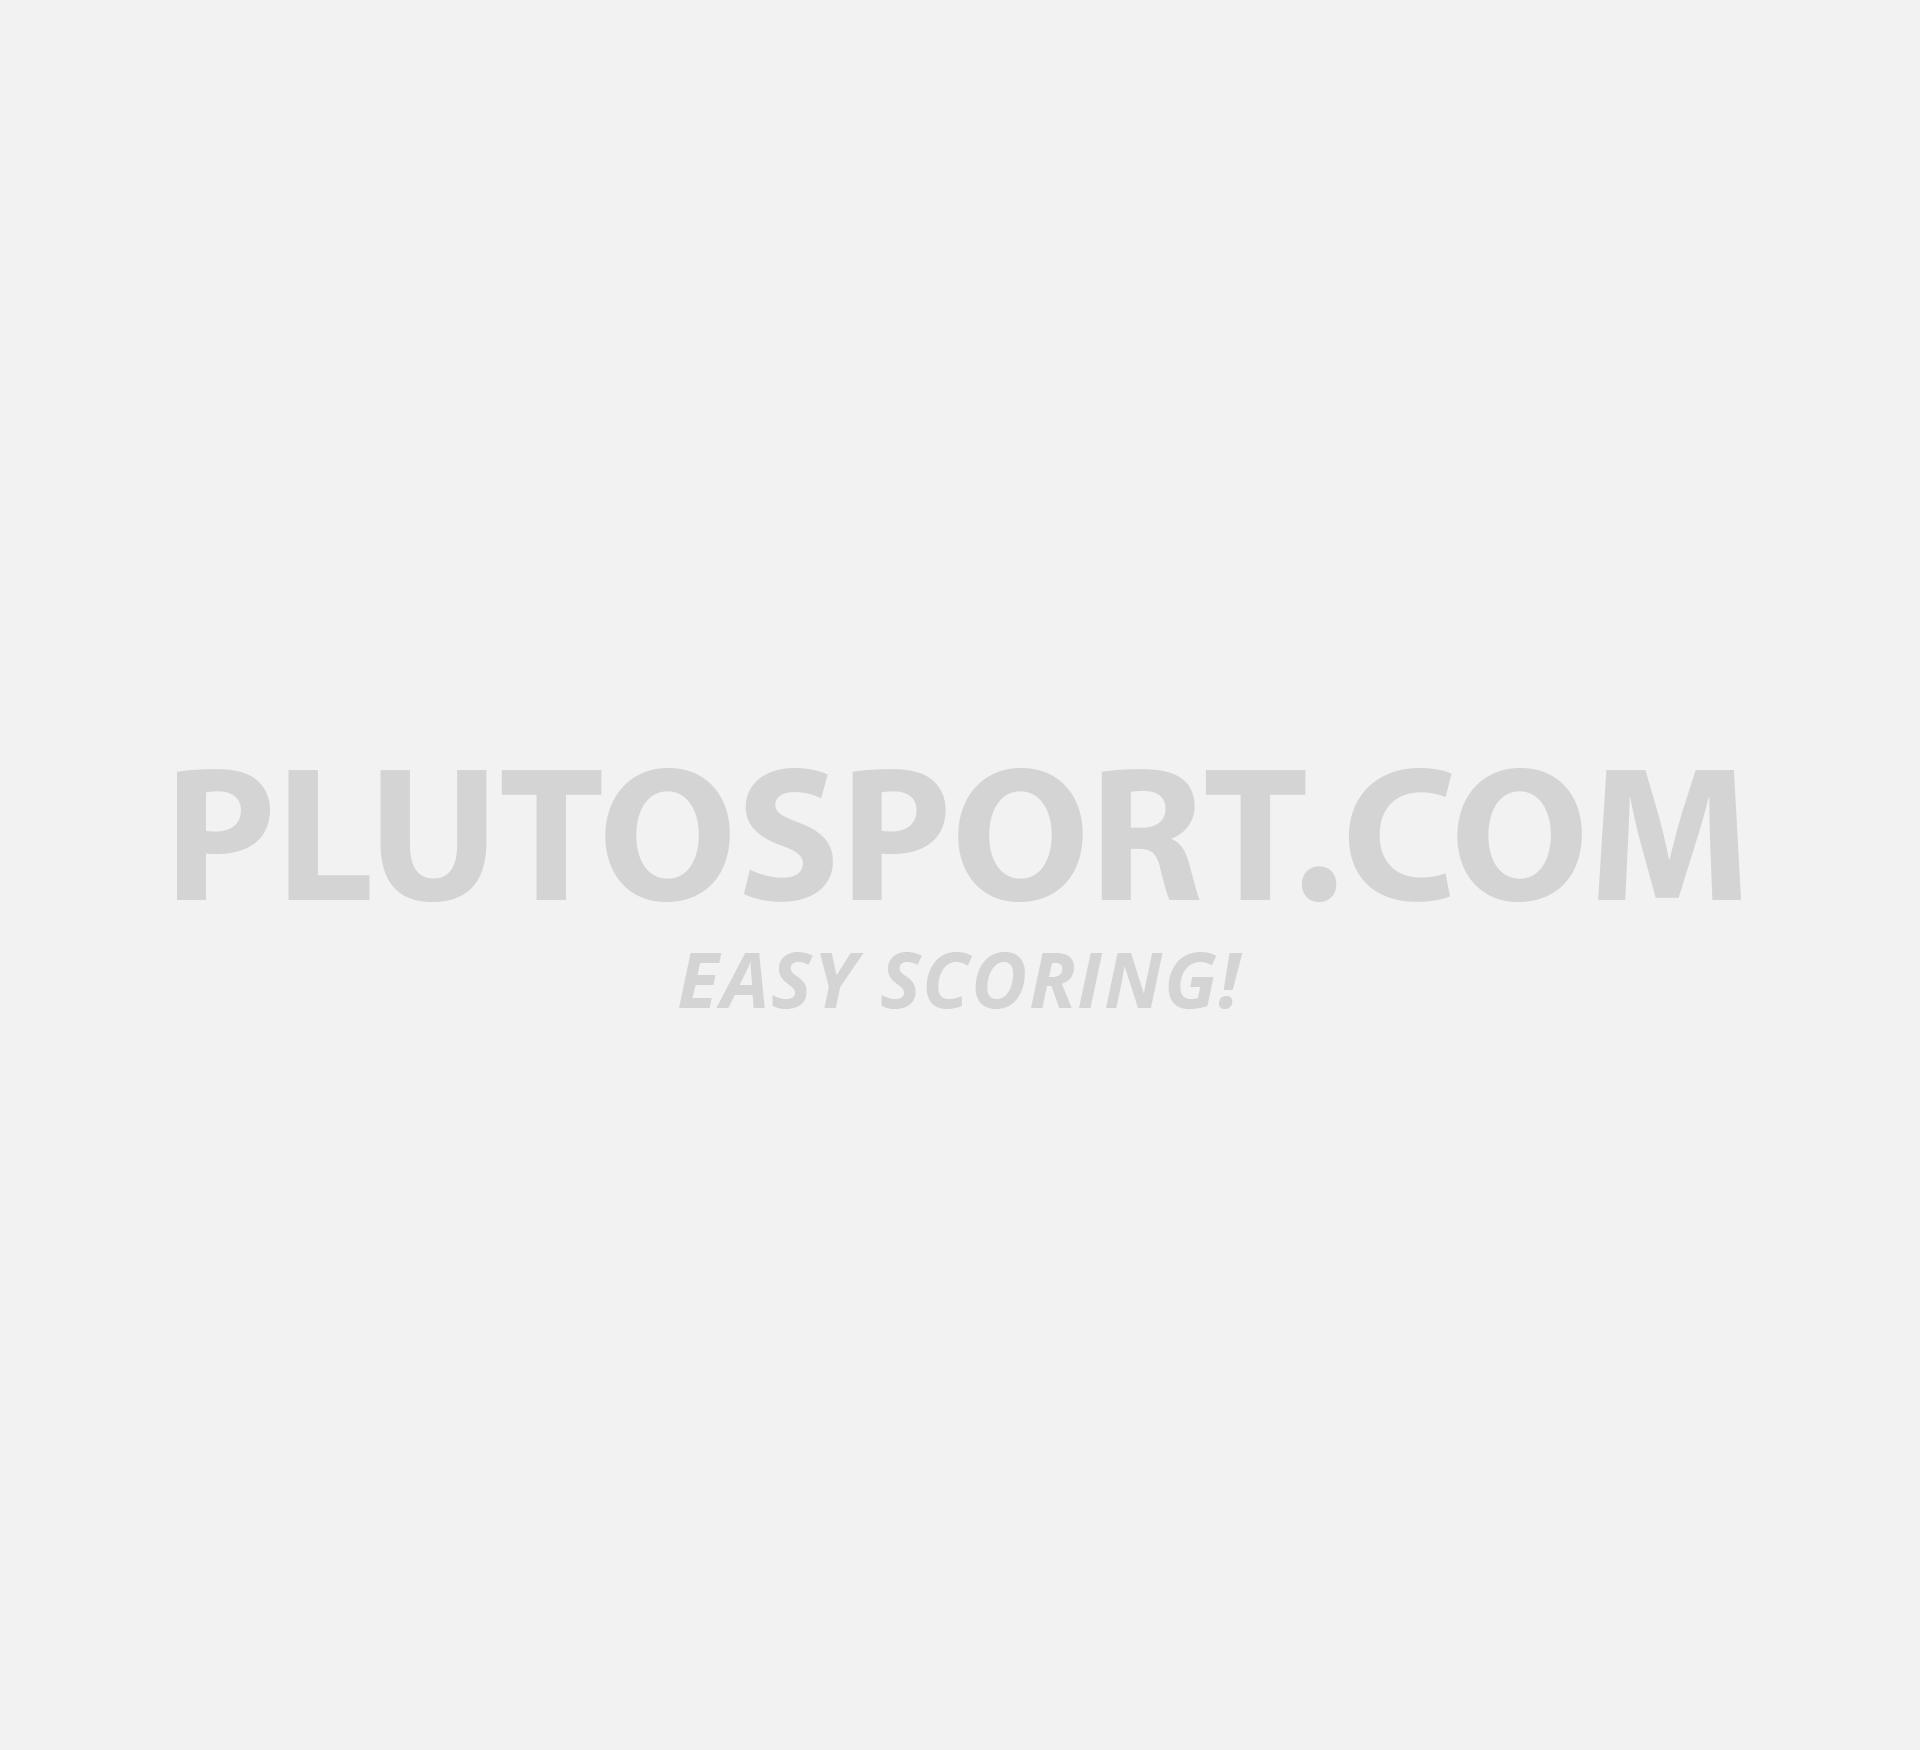 Asics Gel-Tactic Volleyballshoe Men